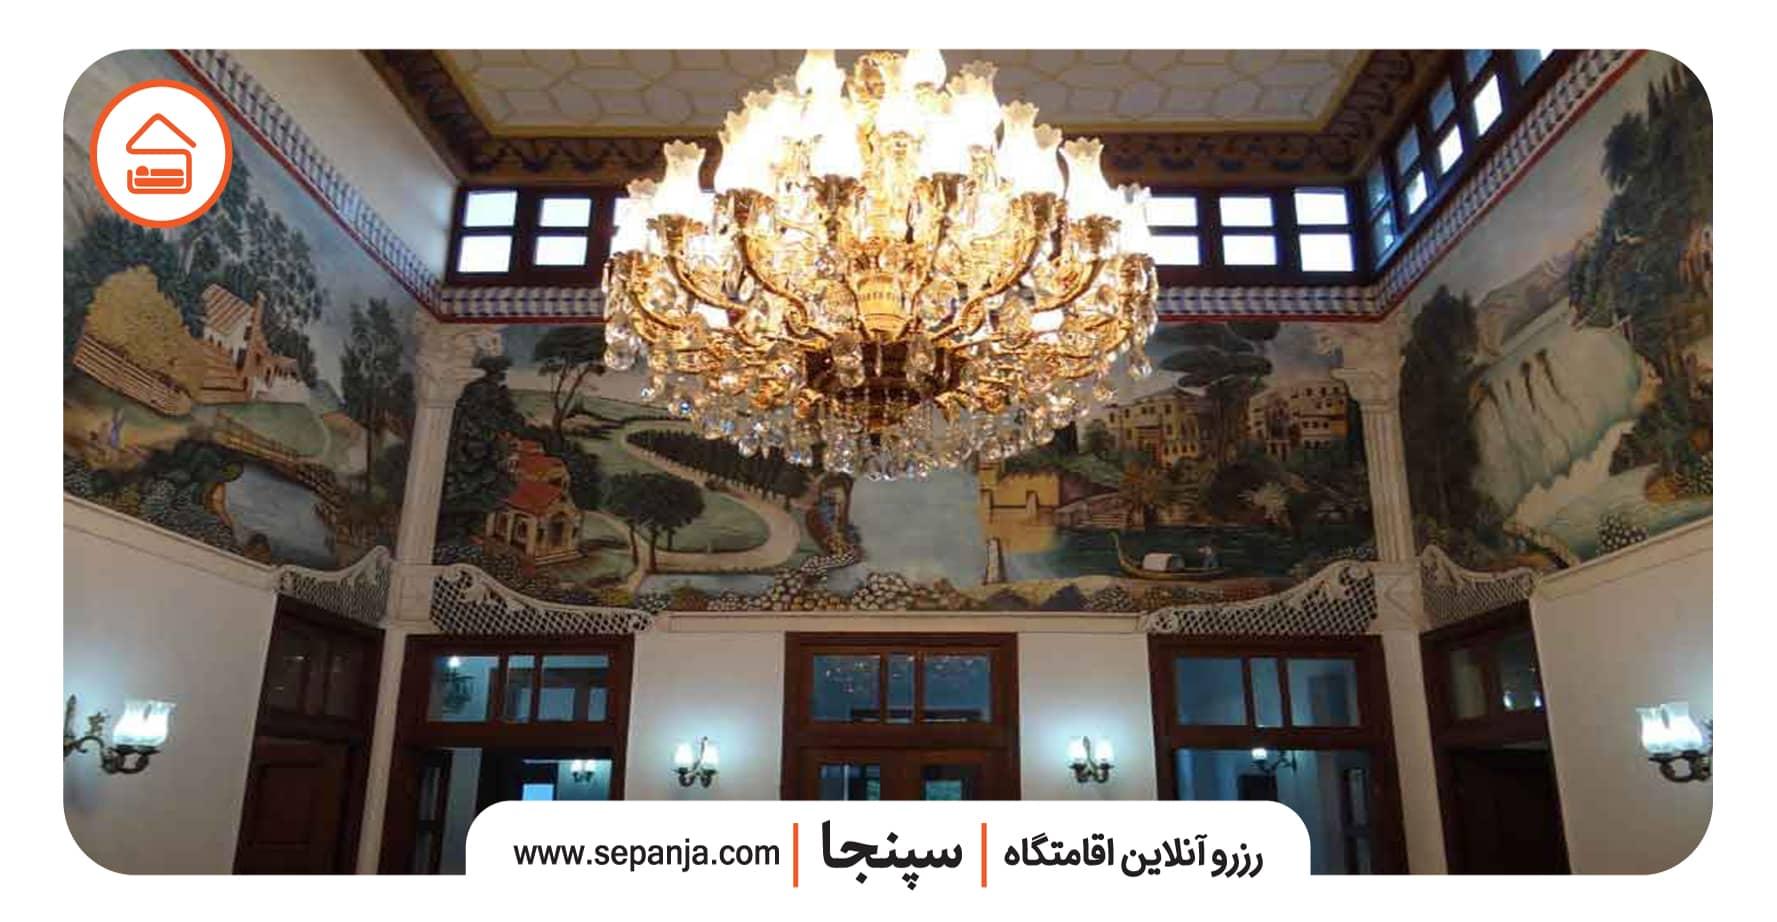 داخل عمارت شاپوری در شیراز